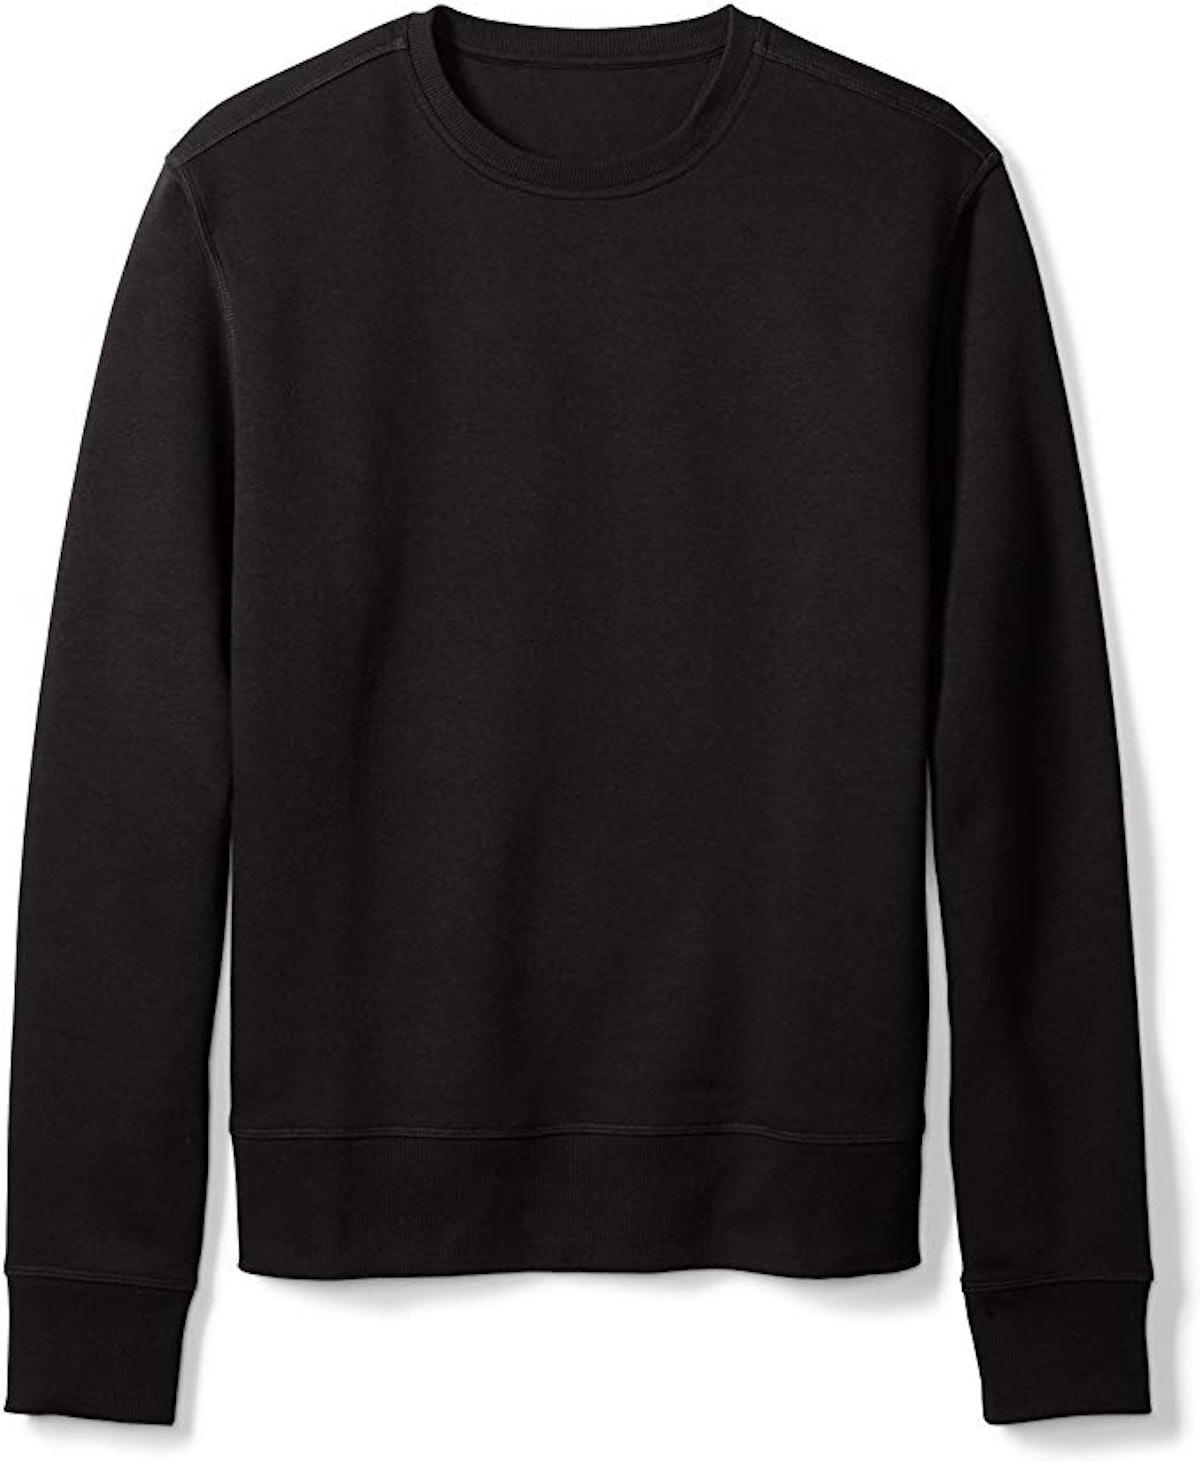 Men's Crewneck Fleece Sweatshirt